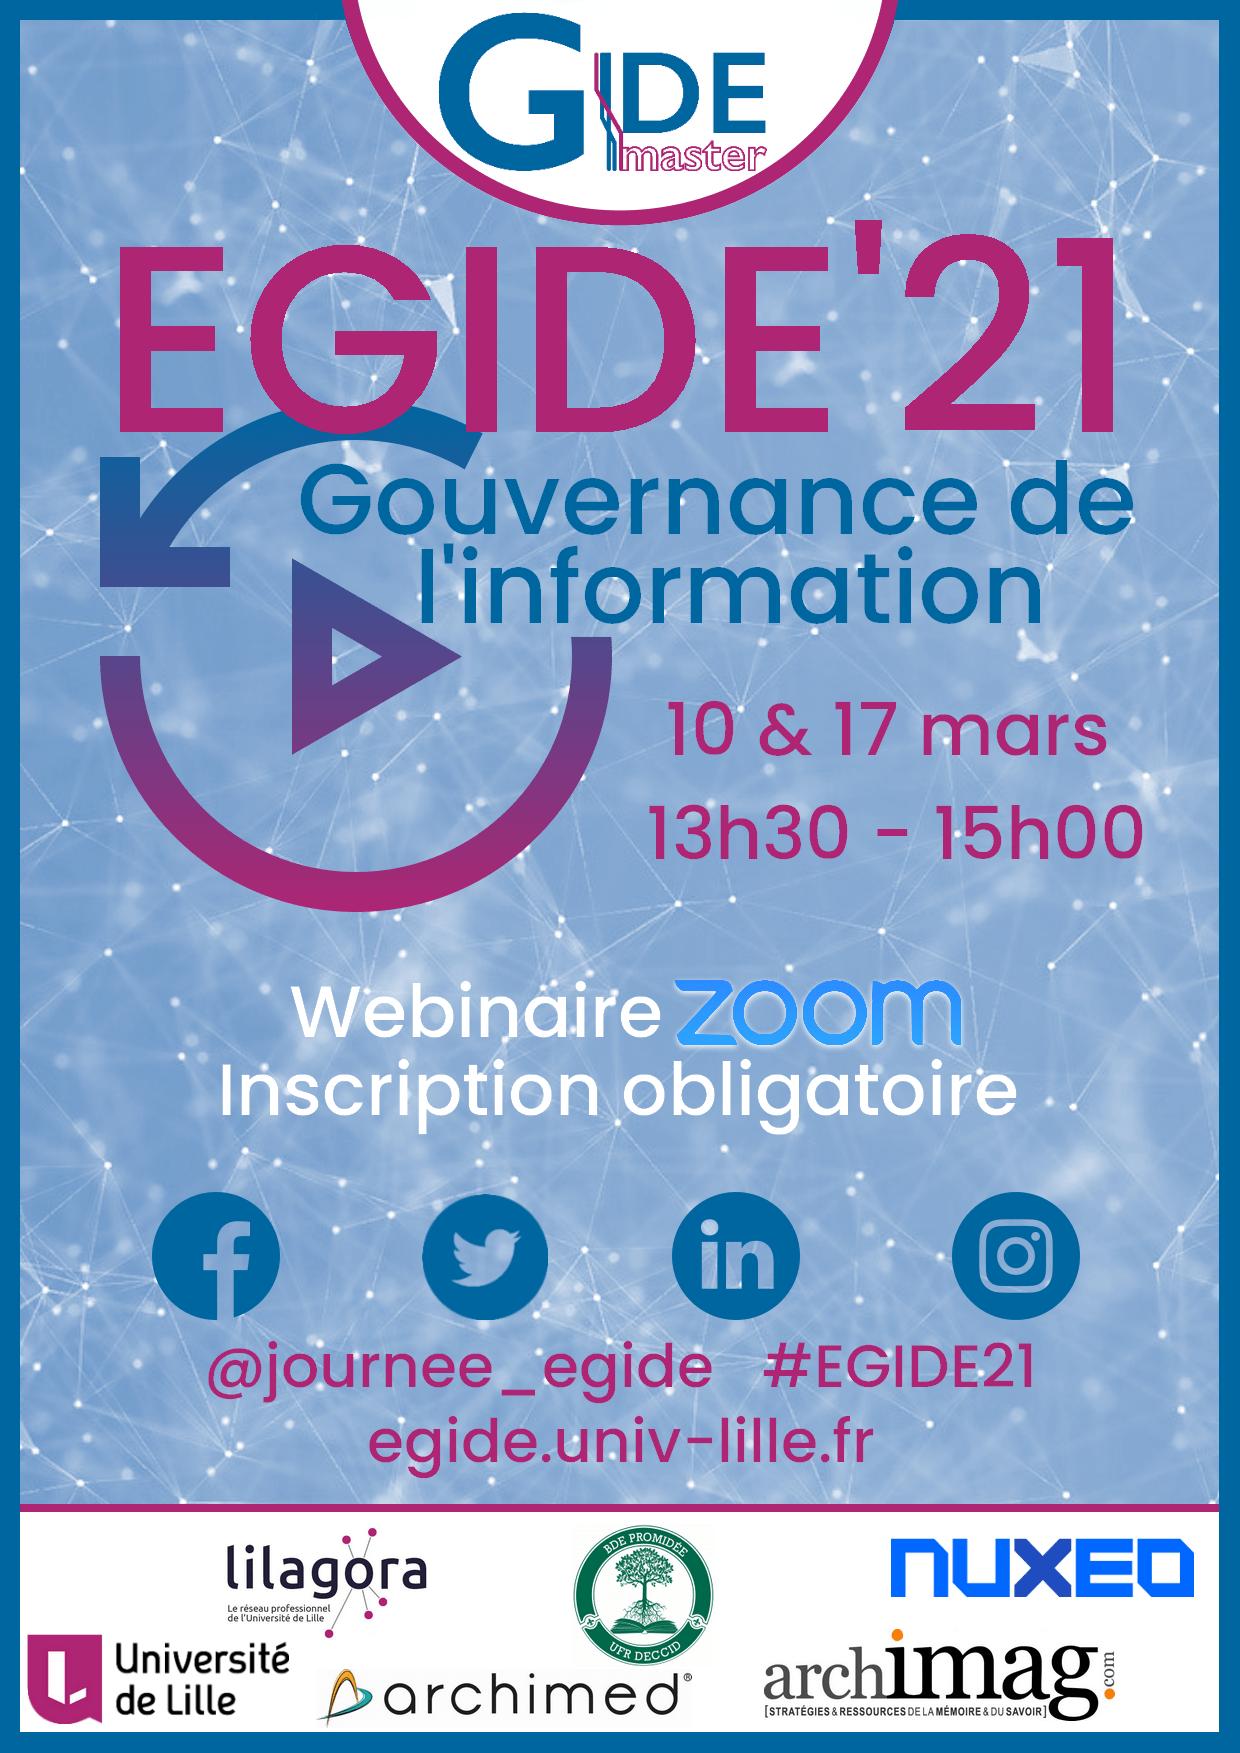 Affiche de la journée EGIDE'21 sur Zoom